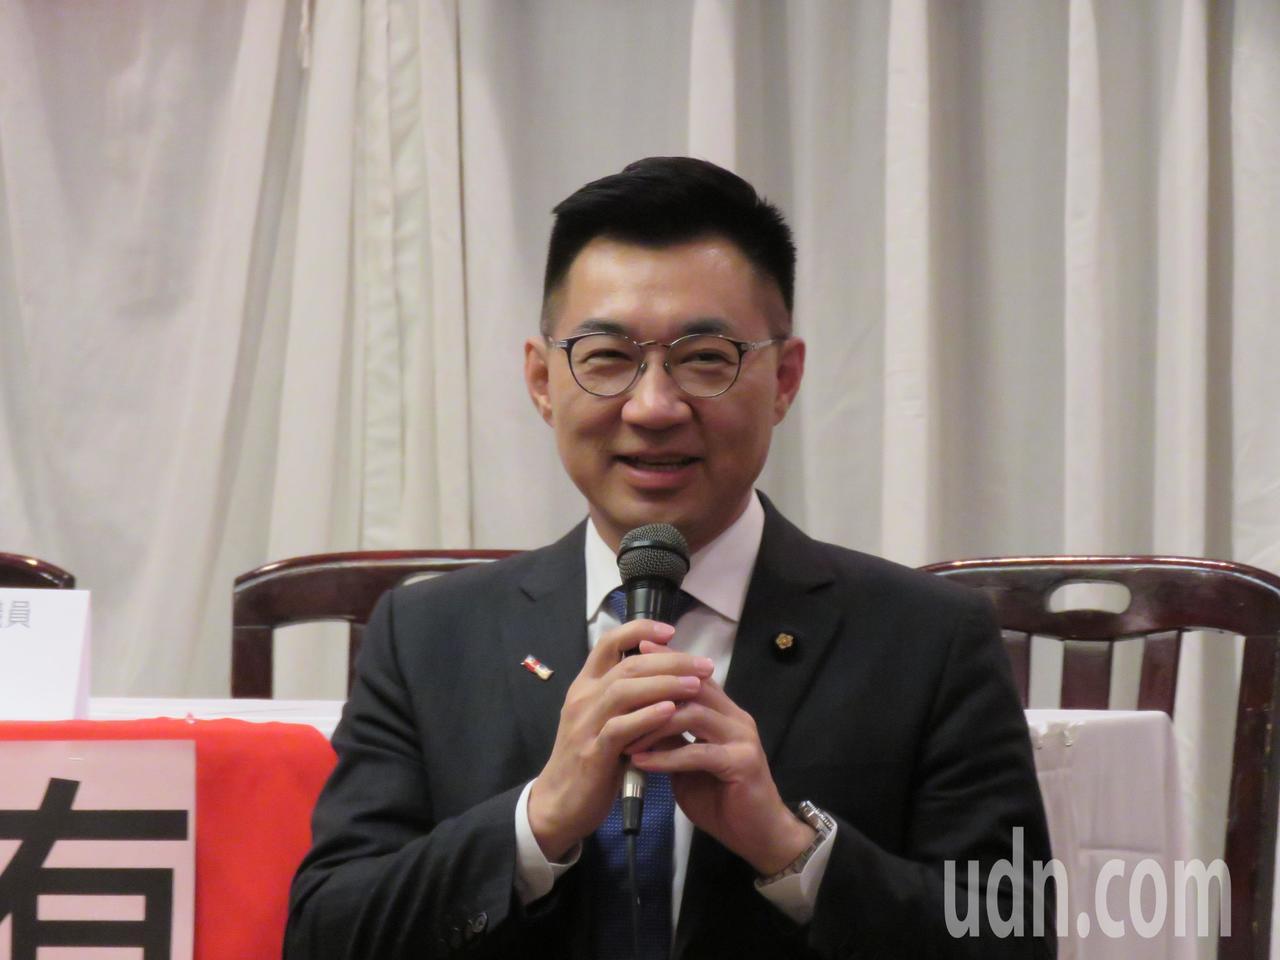 國民黨立委江啟臣29日出席於美國馬里蘭州舉行的僑界座談餐會。華盛頓記者張加/攝影